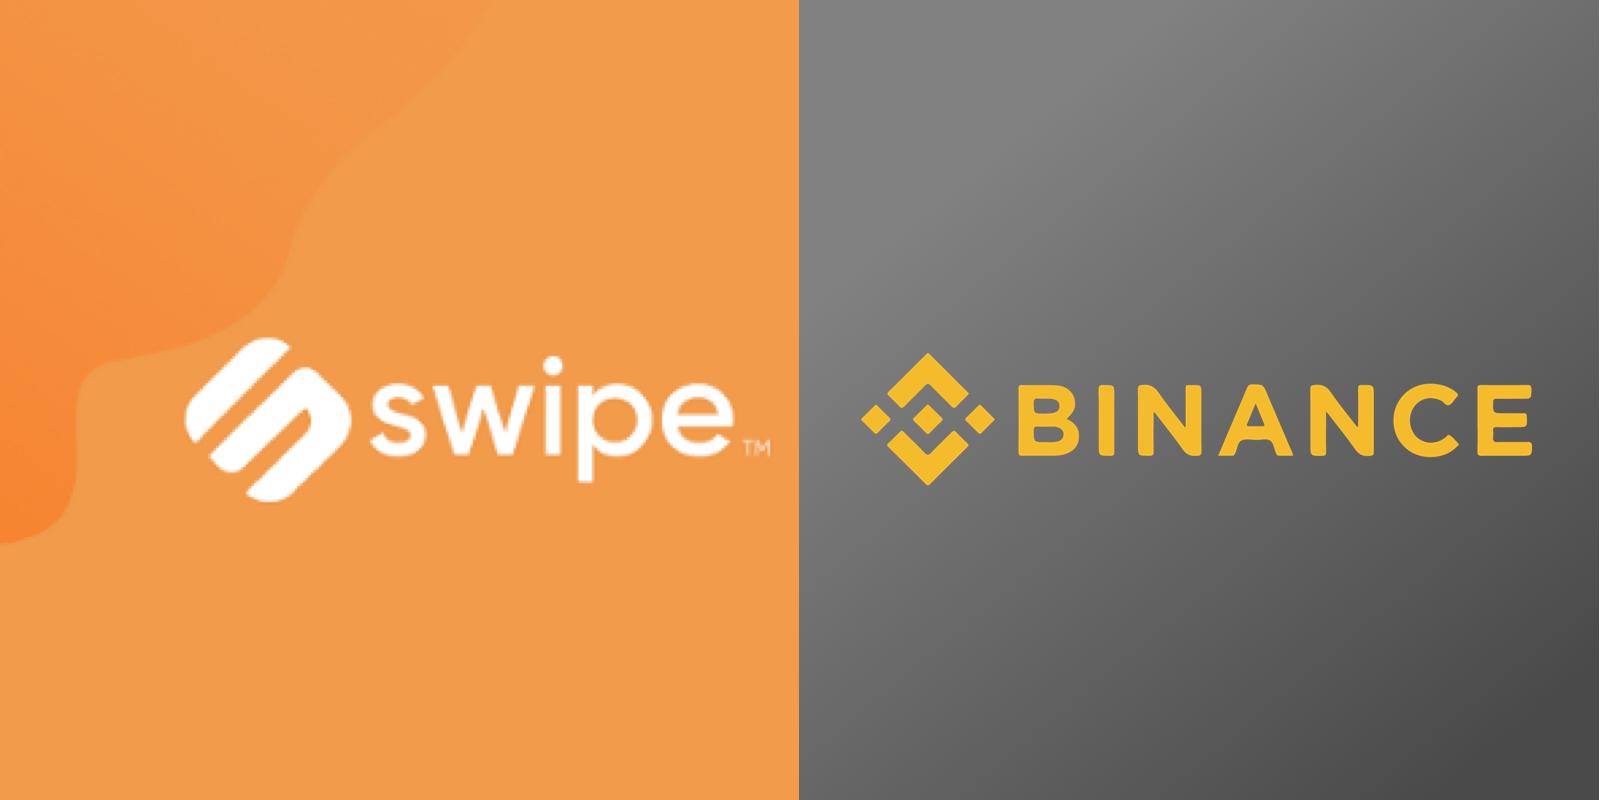 Swipe (SXP) annonce un airdrop de $16M aux détenteurs de token Binance